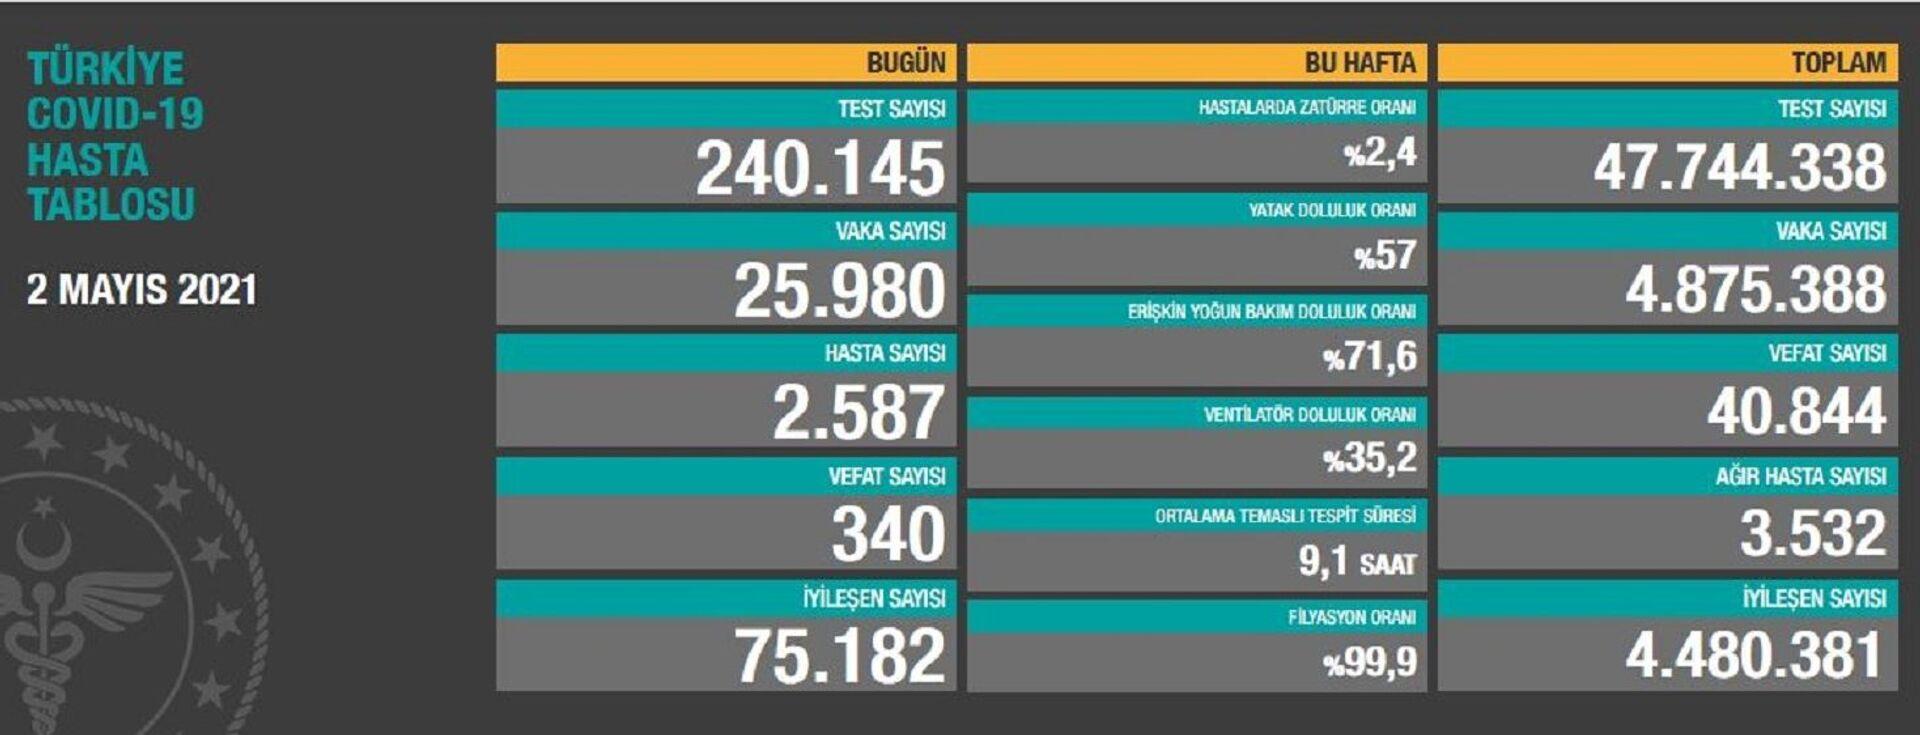 Türkiye'de son 24 saatte 25 bin 980 yeni vaka tespit edildi, 340 kişi hayatını kaybetti - Sputnik Türkiye, 1920, 02.05.2021